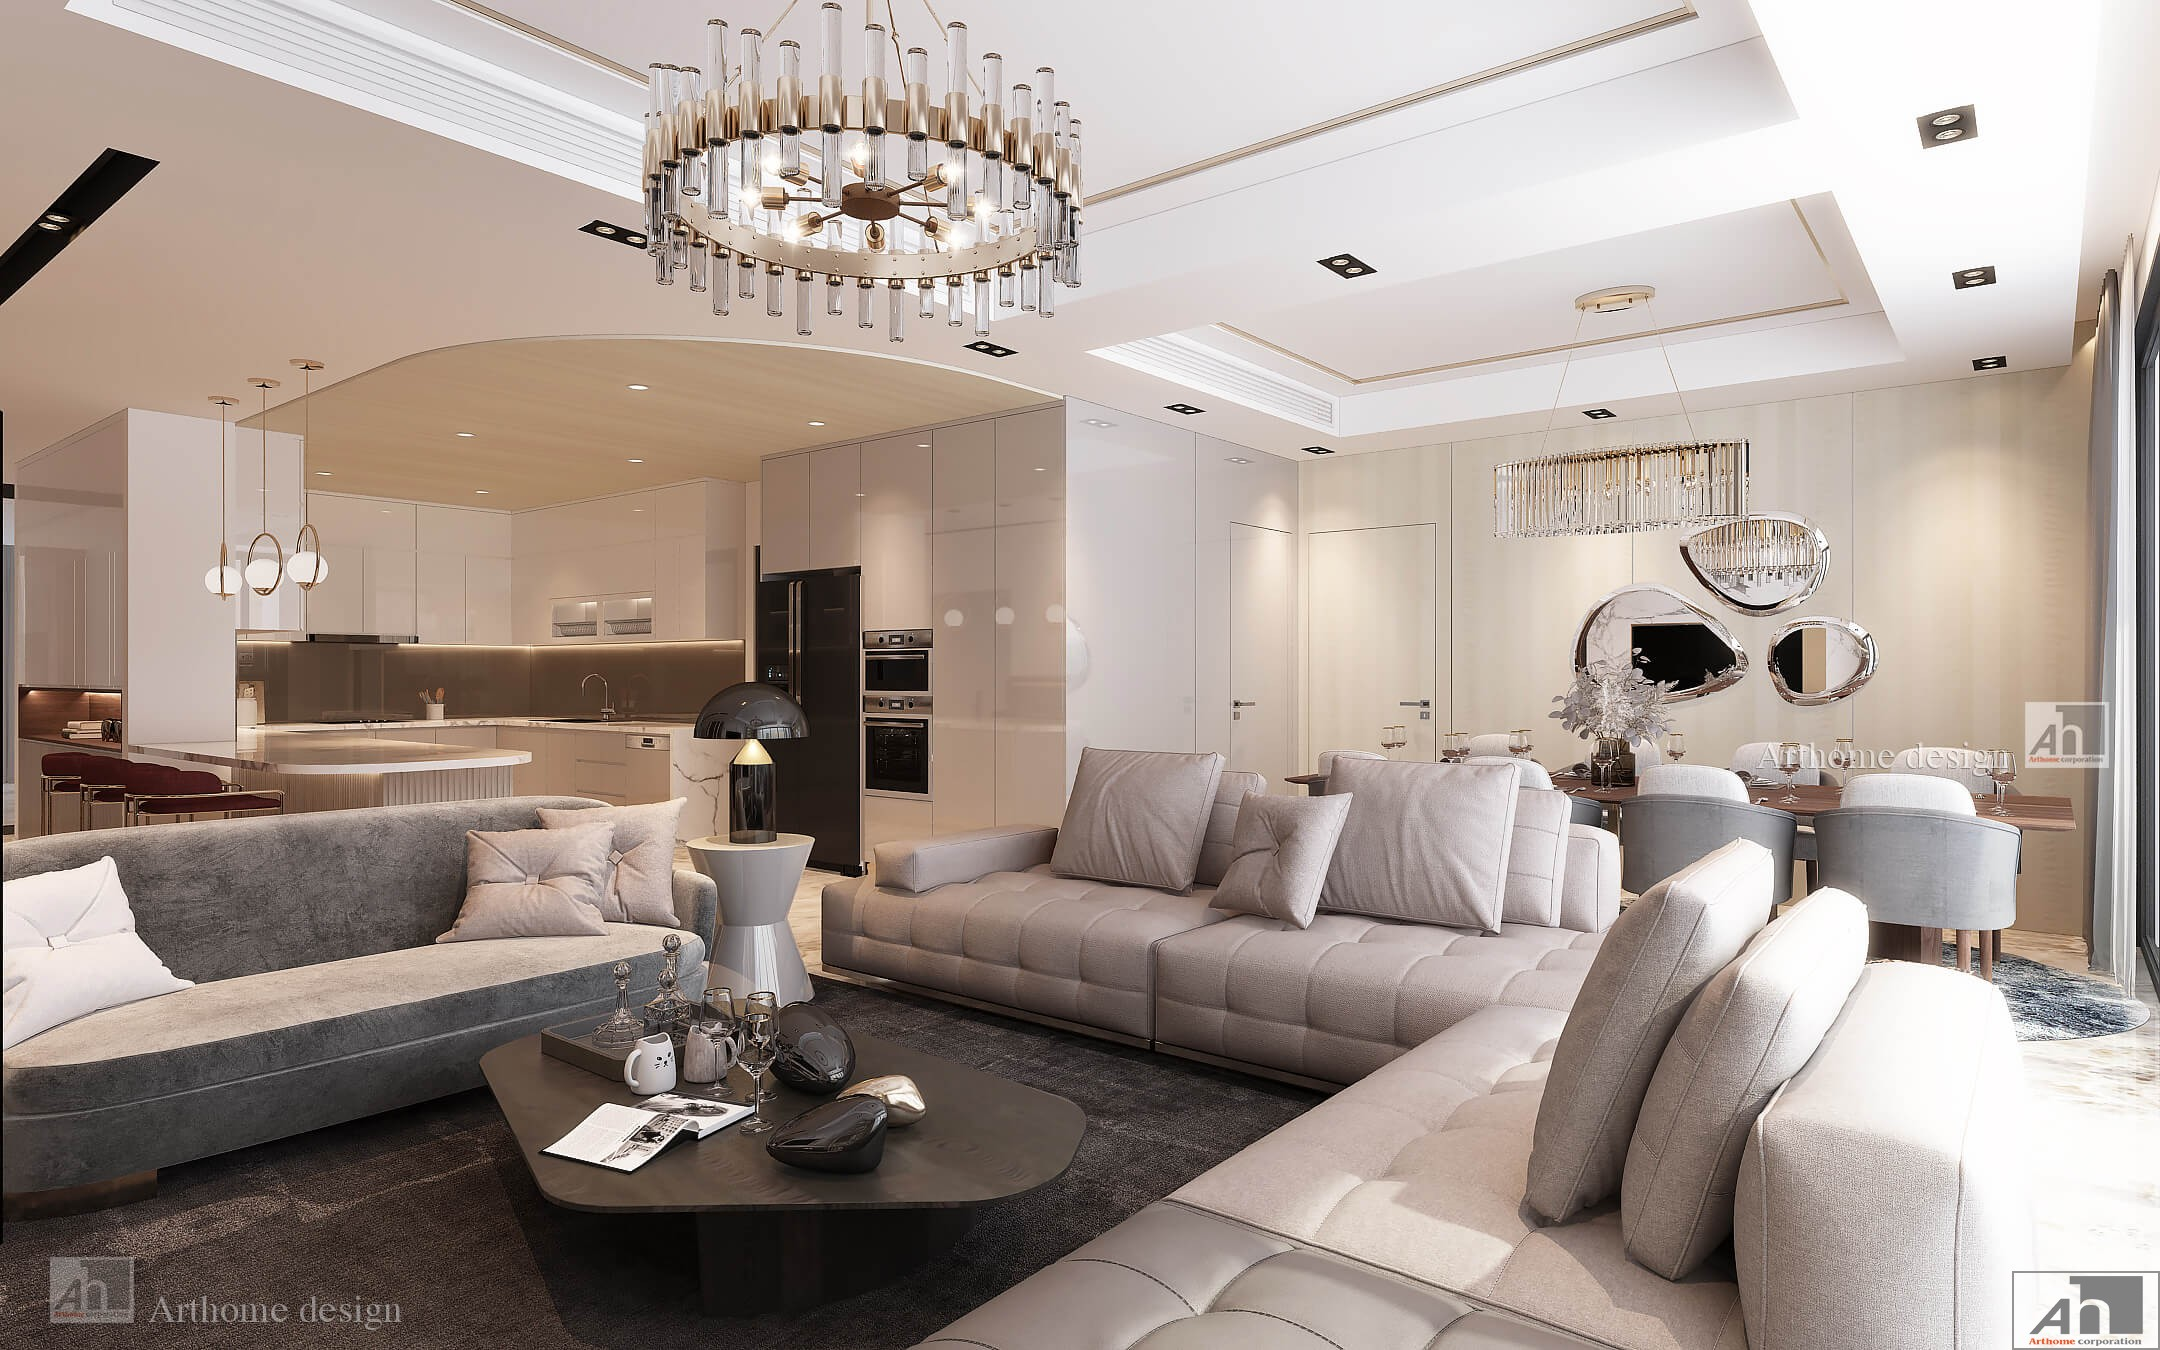 thiết kế nội thất căn hộ cao cấp